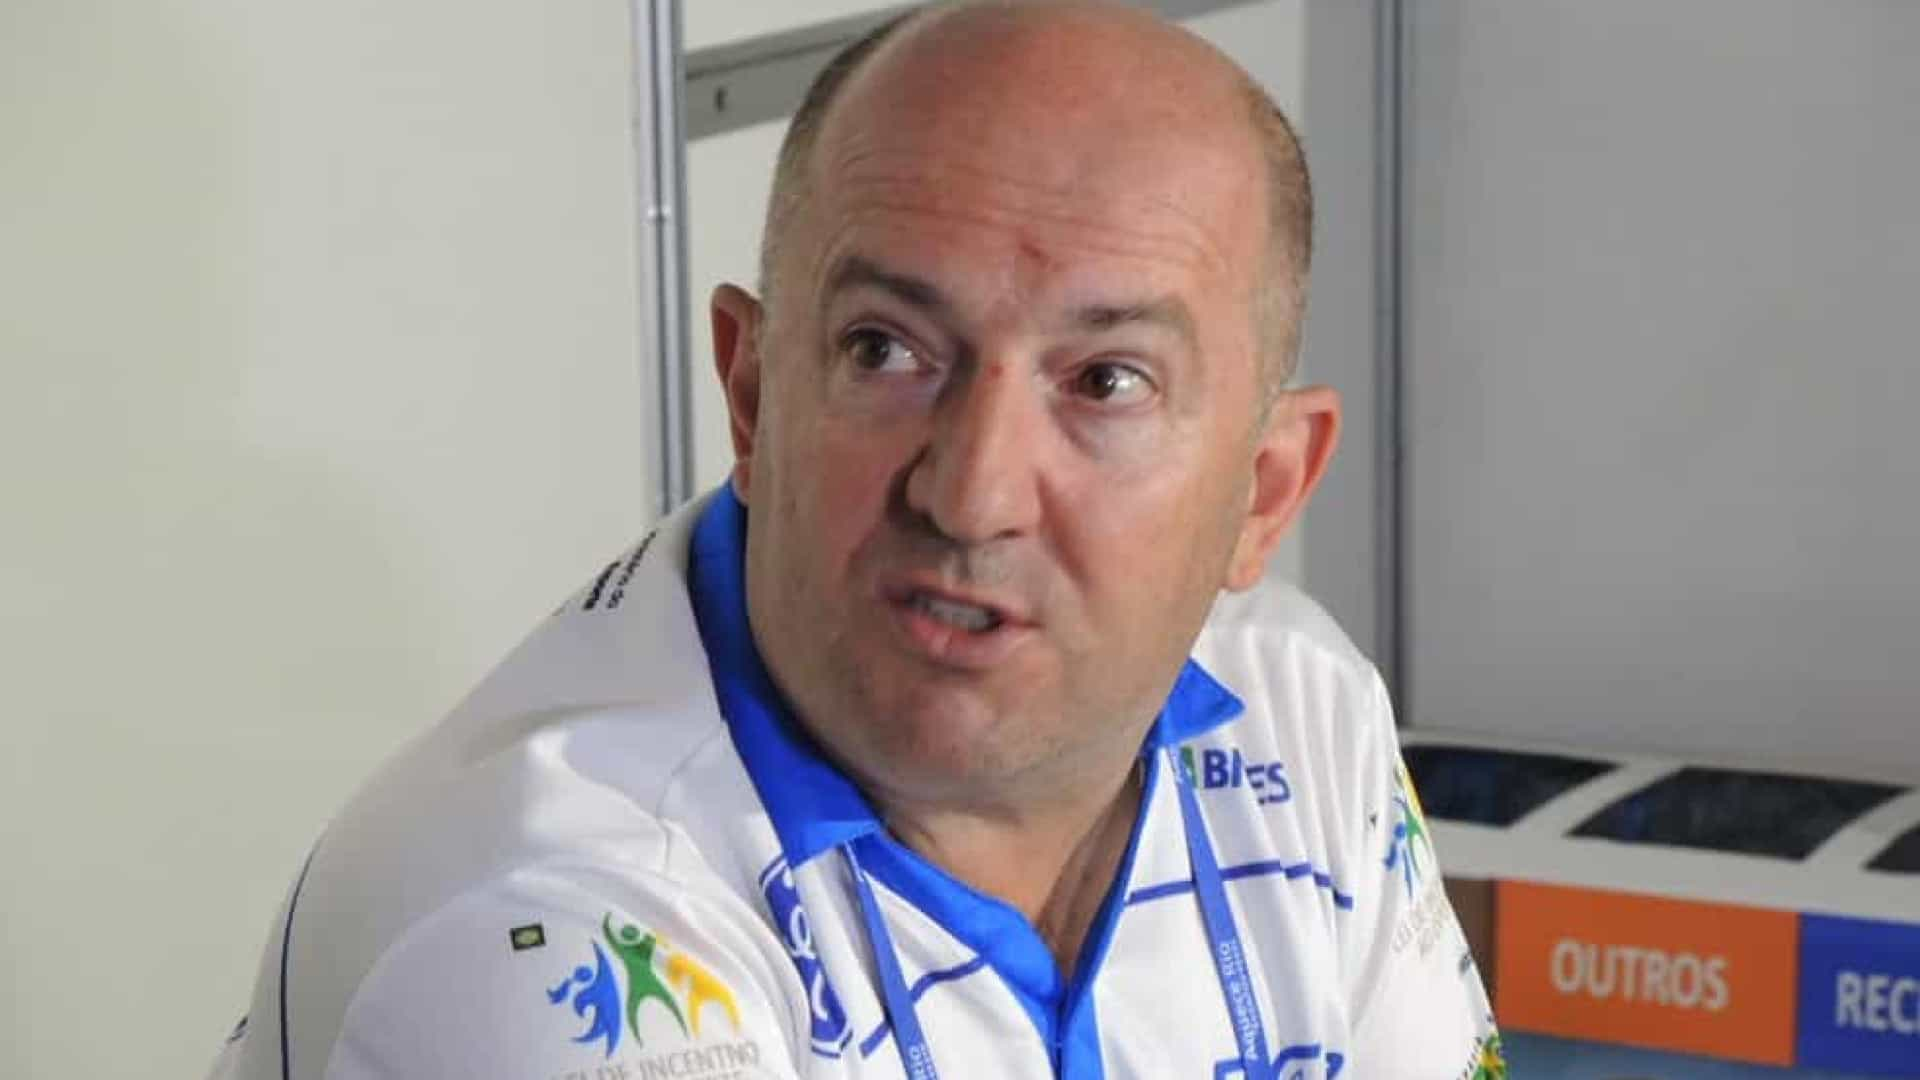 Presidente da Confederação Brasileira de Canoagem morre por complicações da covid